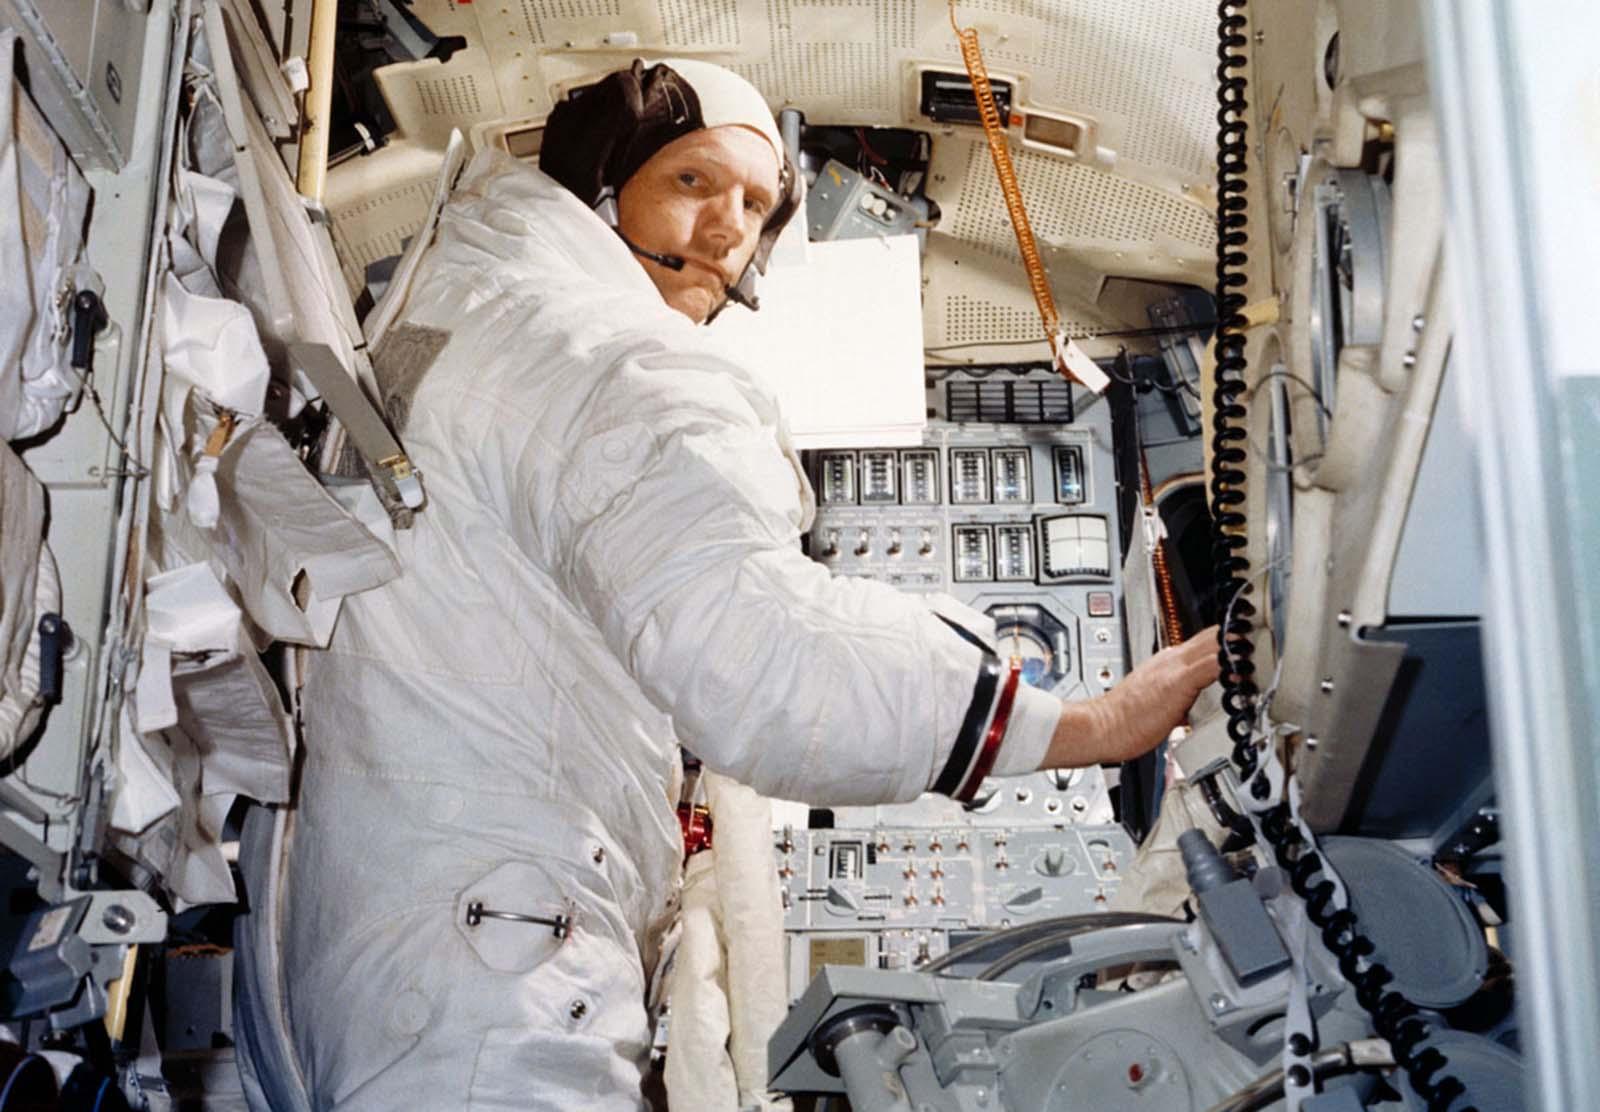 Neil Armstrong treina em um simulador de módulo lunar em junho de 1969.